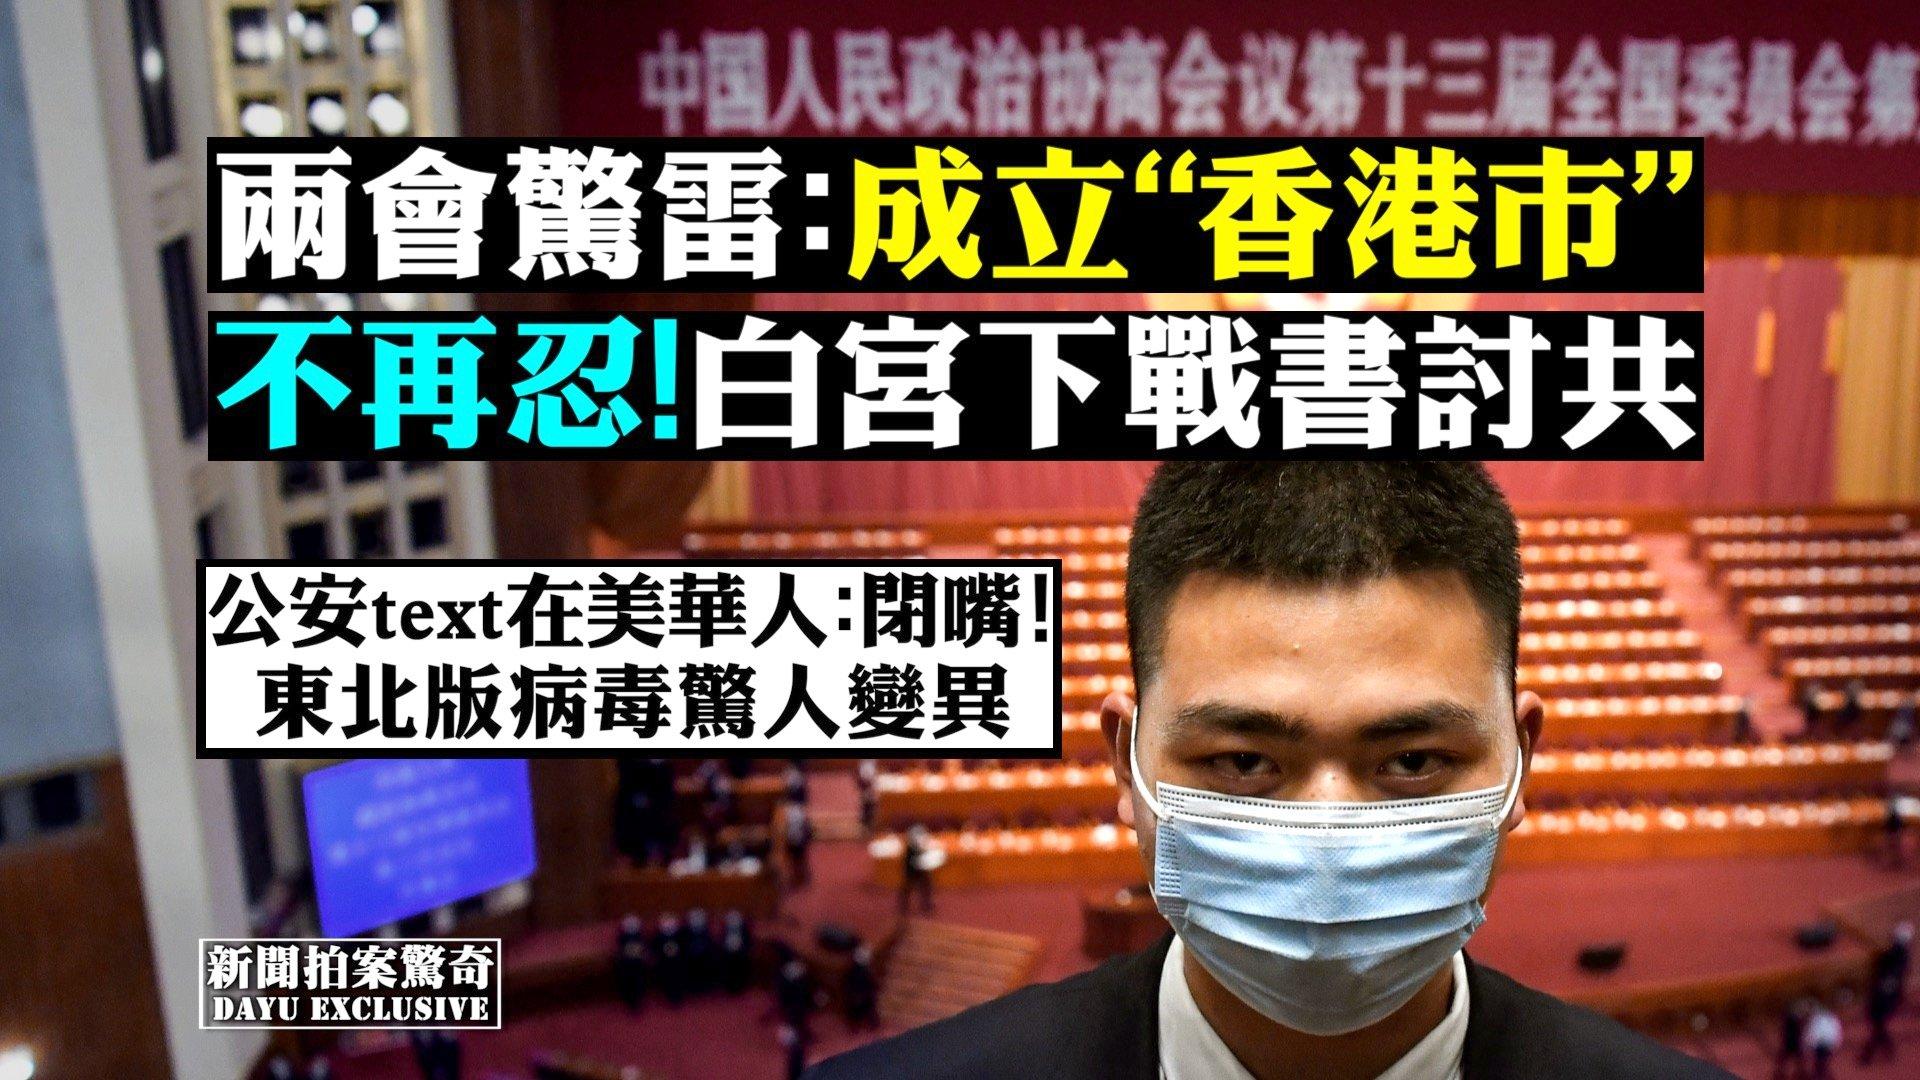 中共人大常委會將親自訂「香港國安法」要9月前完成,「國安法」將交港府強制執行,香港將全面一國一制,港人當晚上街抗議,更大抗爭潮將至,白宮向中共下「戰書」或正式拉開新冷戰序幕。(新唐人合成)